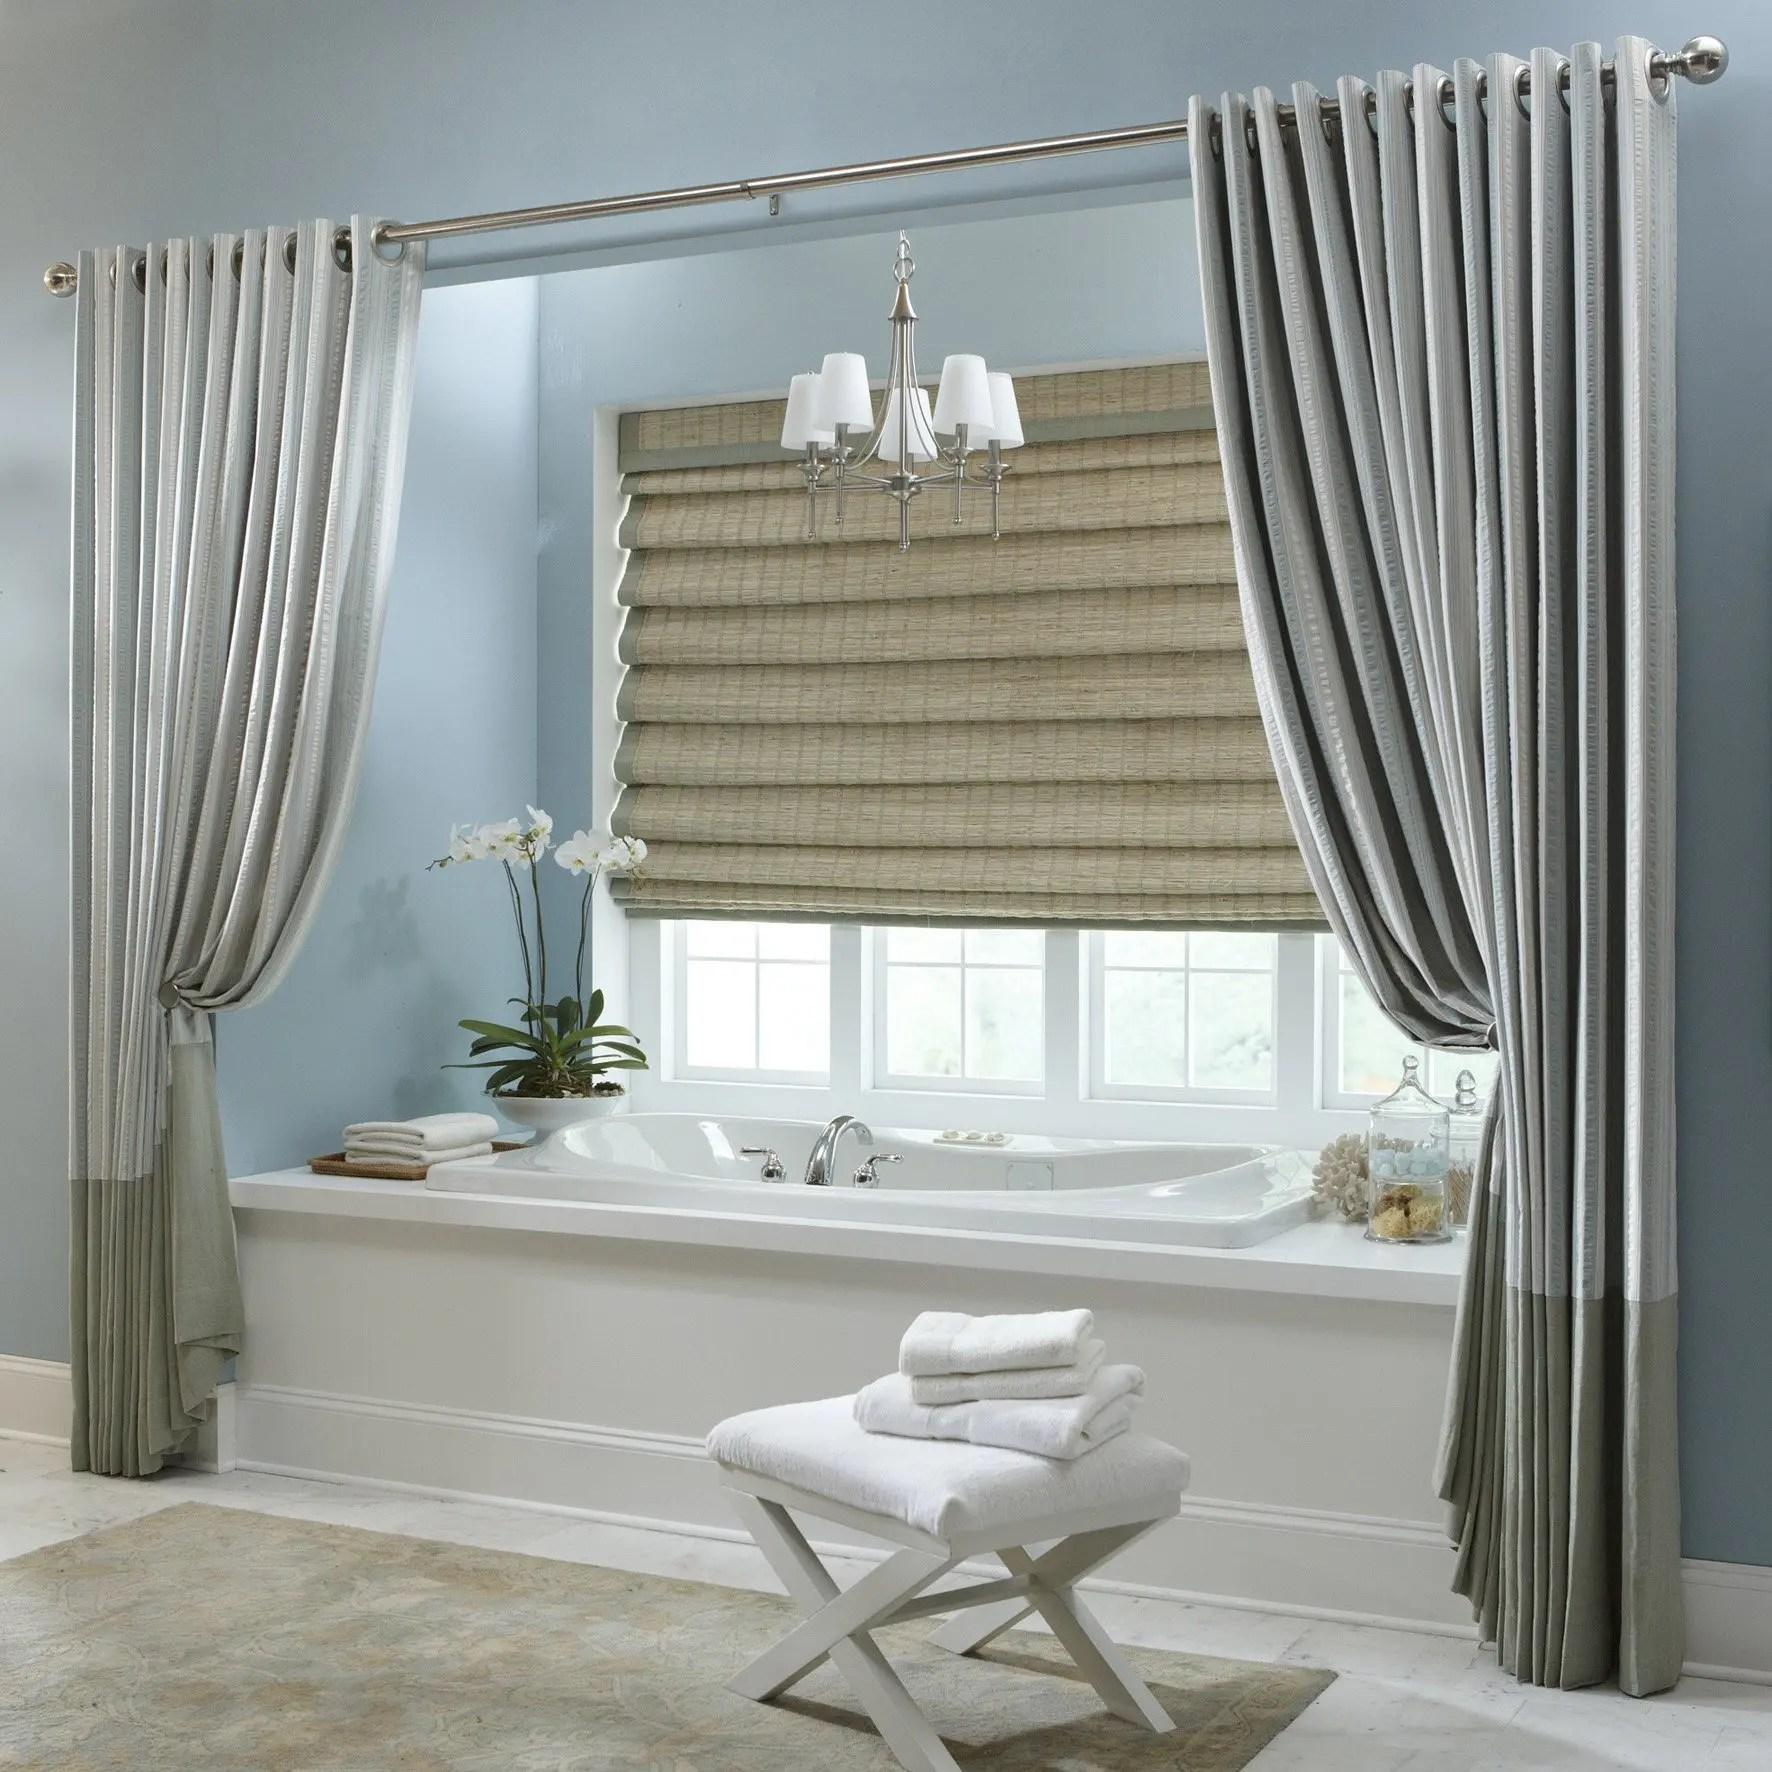 Plain Bathroom Custom Shade & Curtains